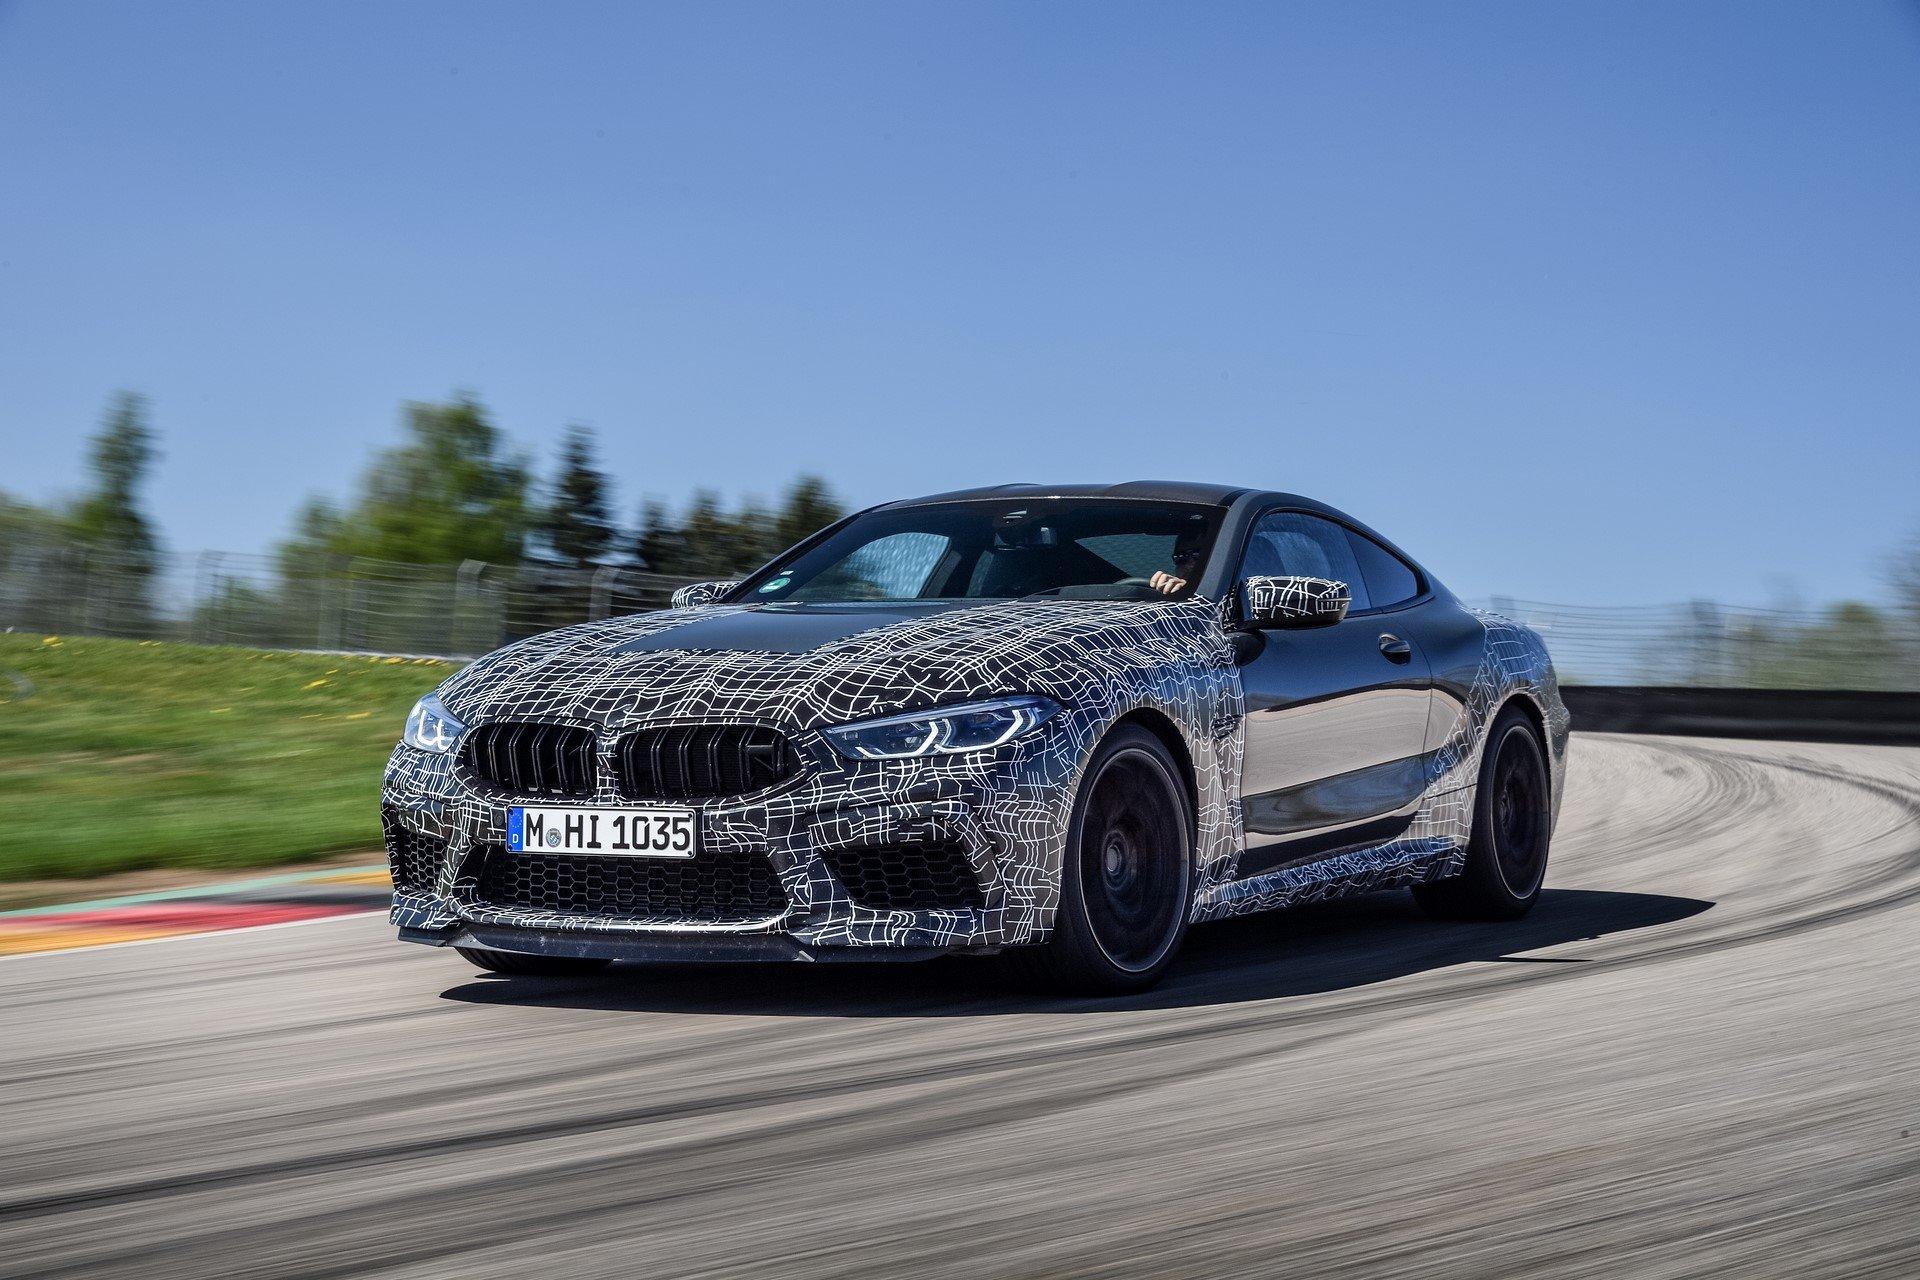 BMW-M8-spy-photos-27